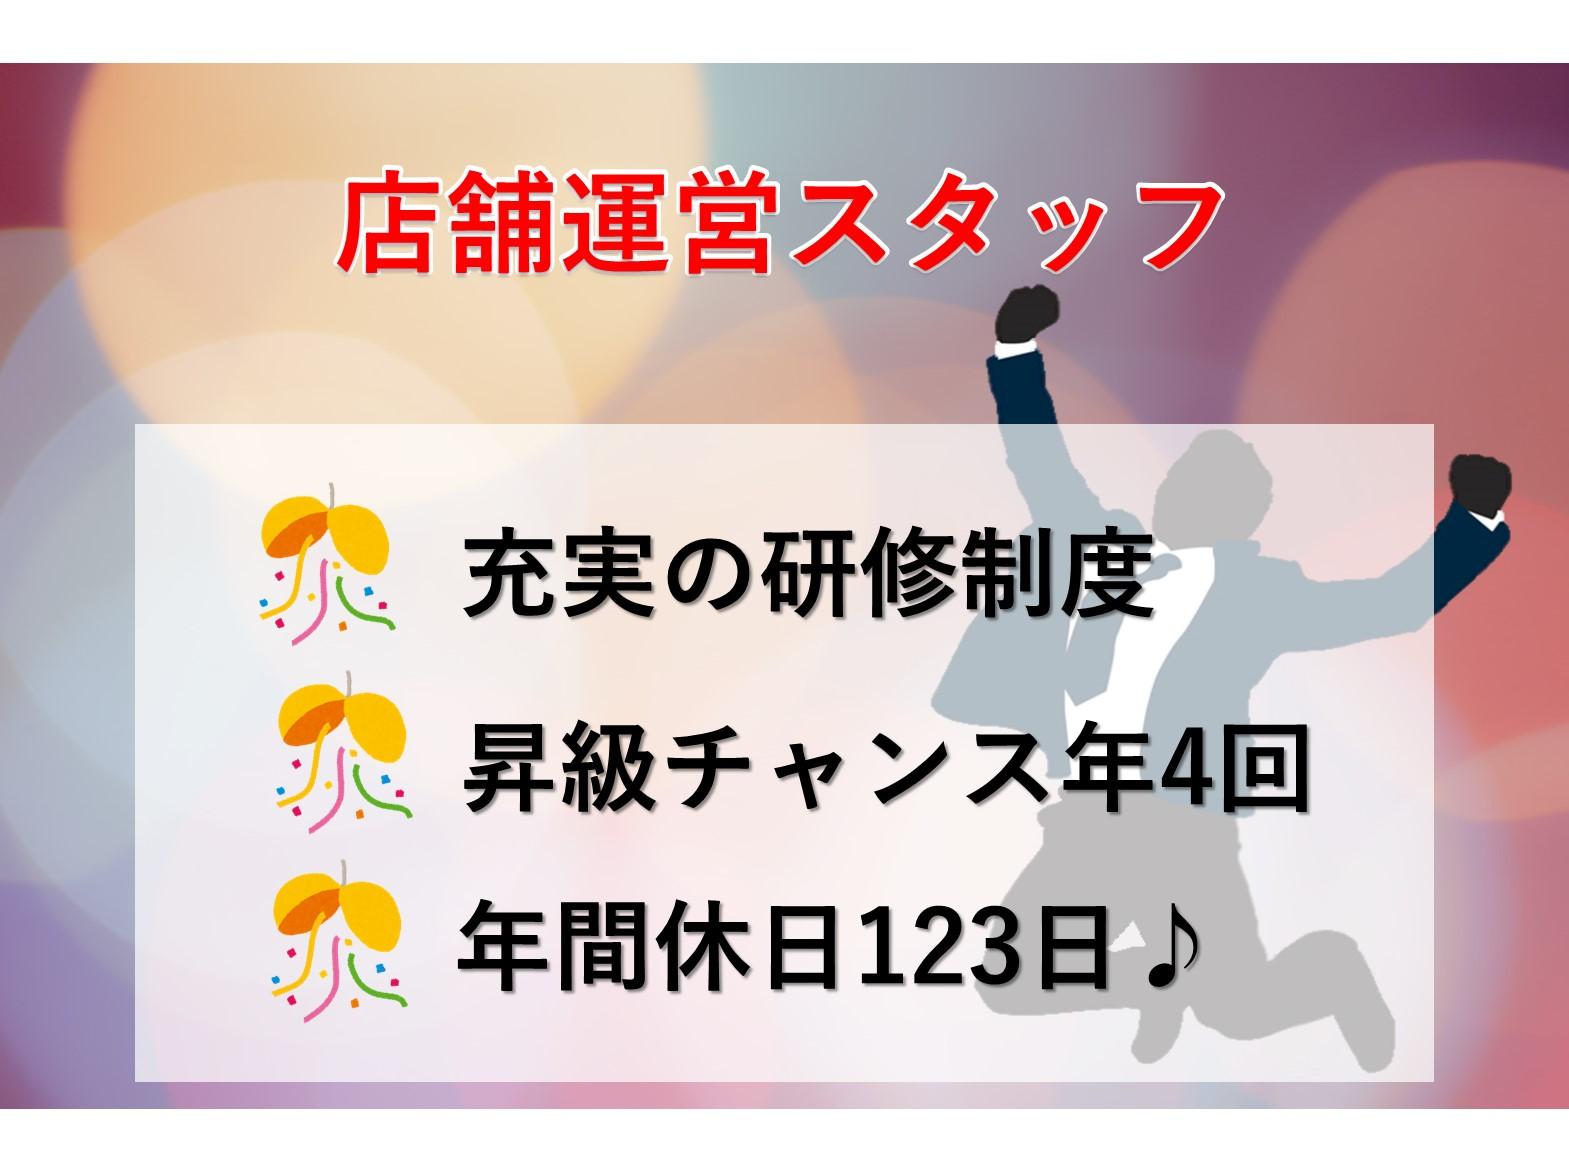 昇進年4回!年休123日!急募◎牛丼屋店舗運営スタッフ【エリアマネージャー候補】 イメージ